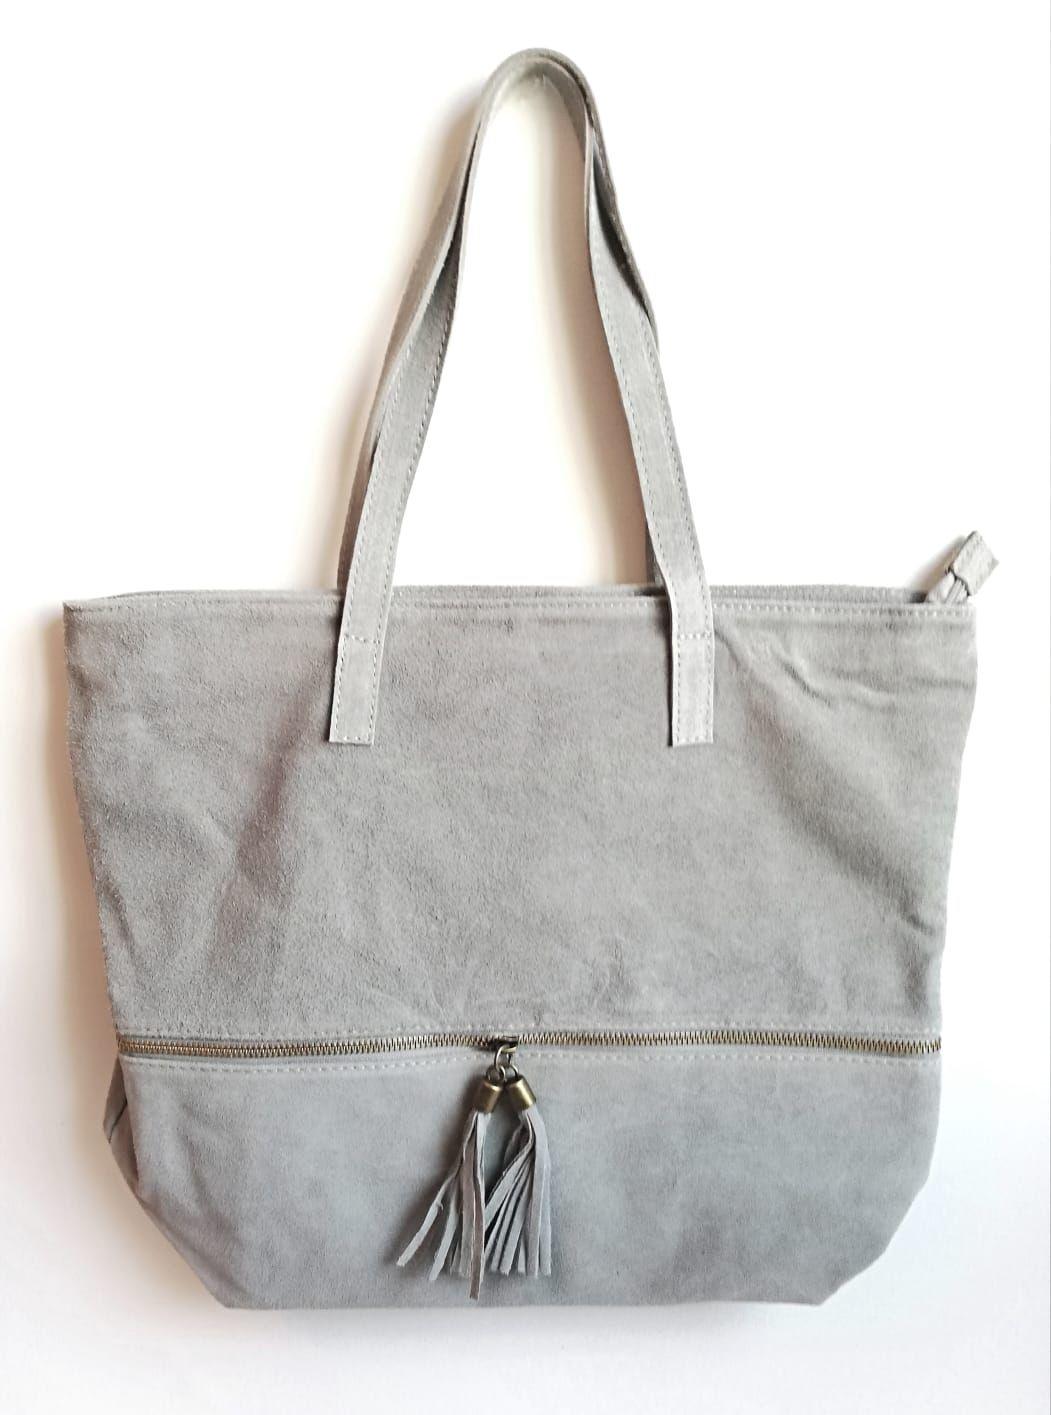 09a41d905 Bolso grande piel auténtica serraje gris con cremallera y pompones  tendencia complementos